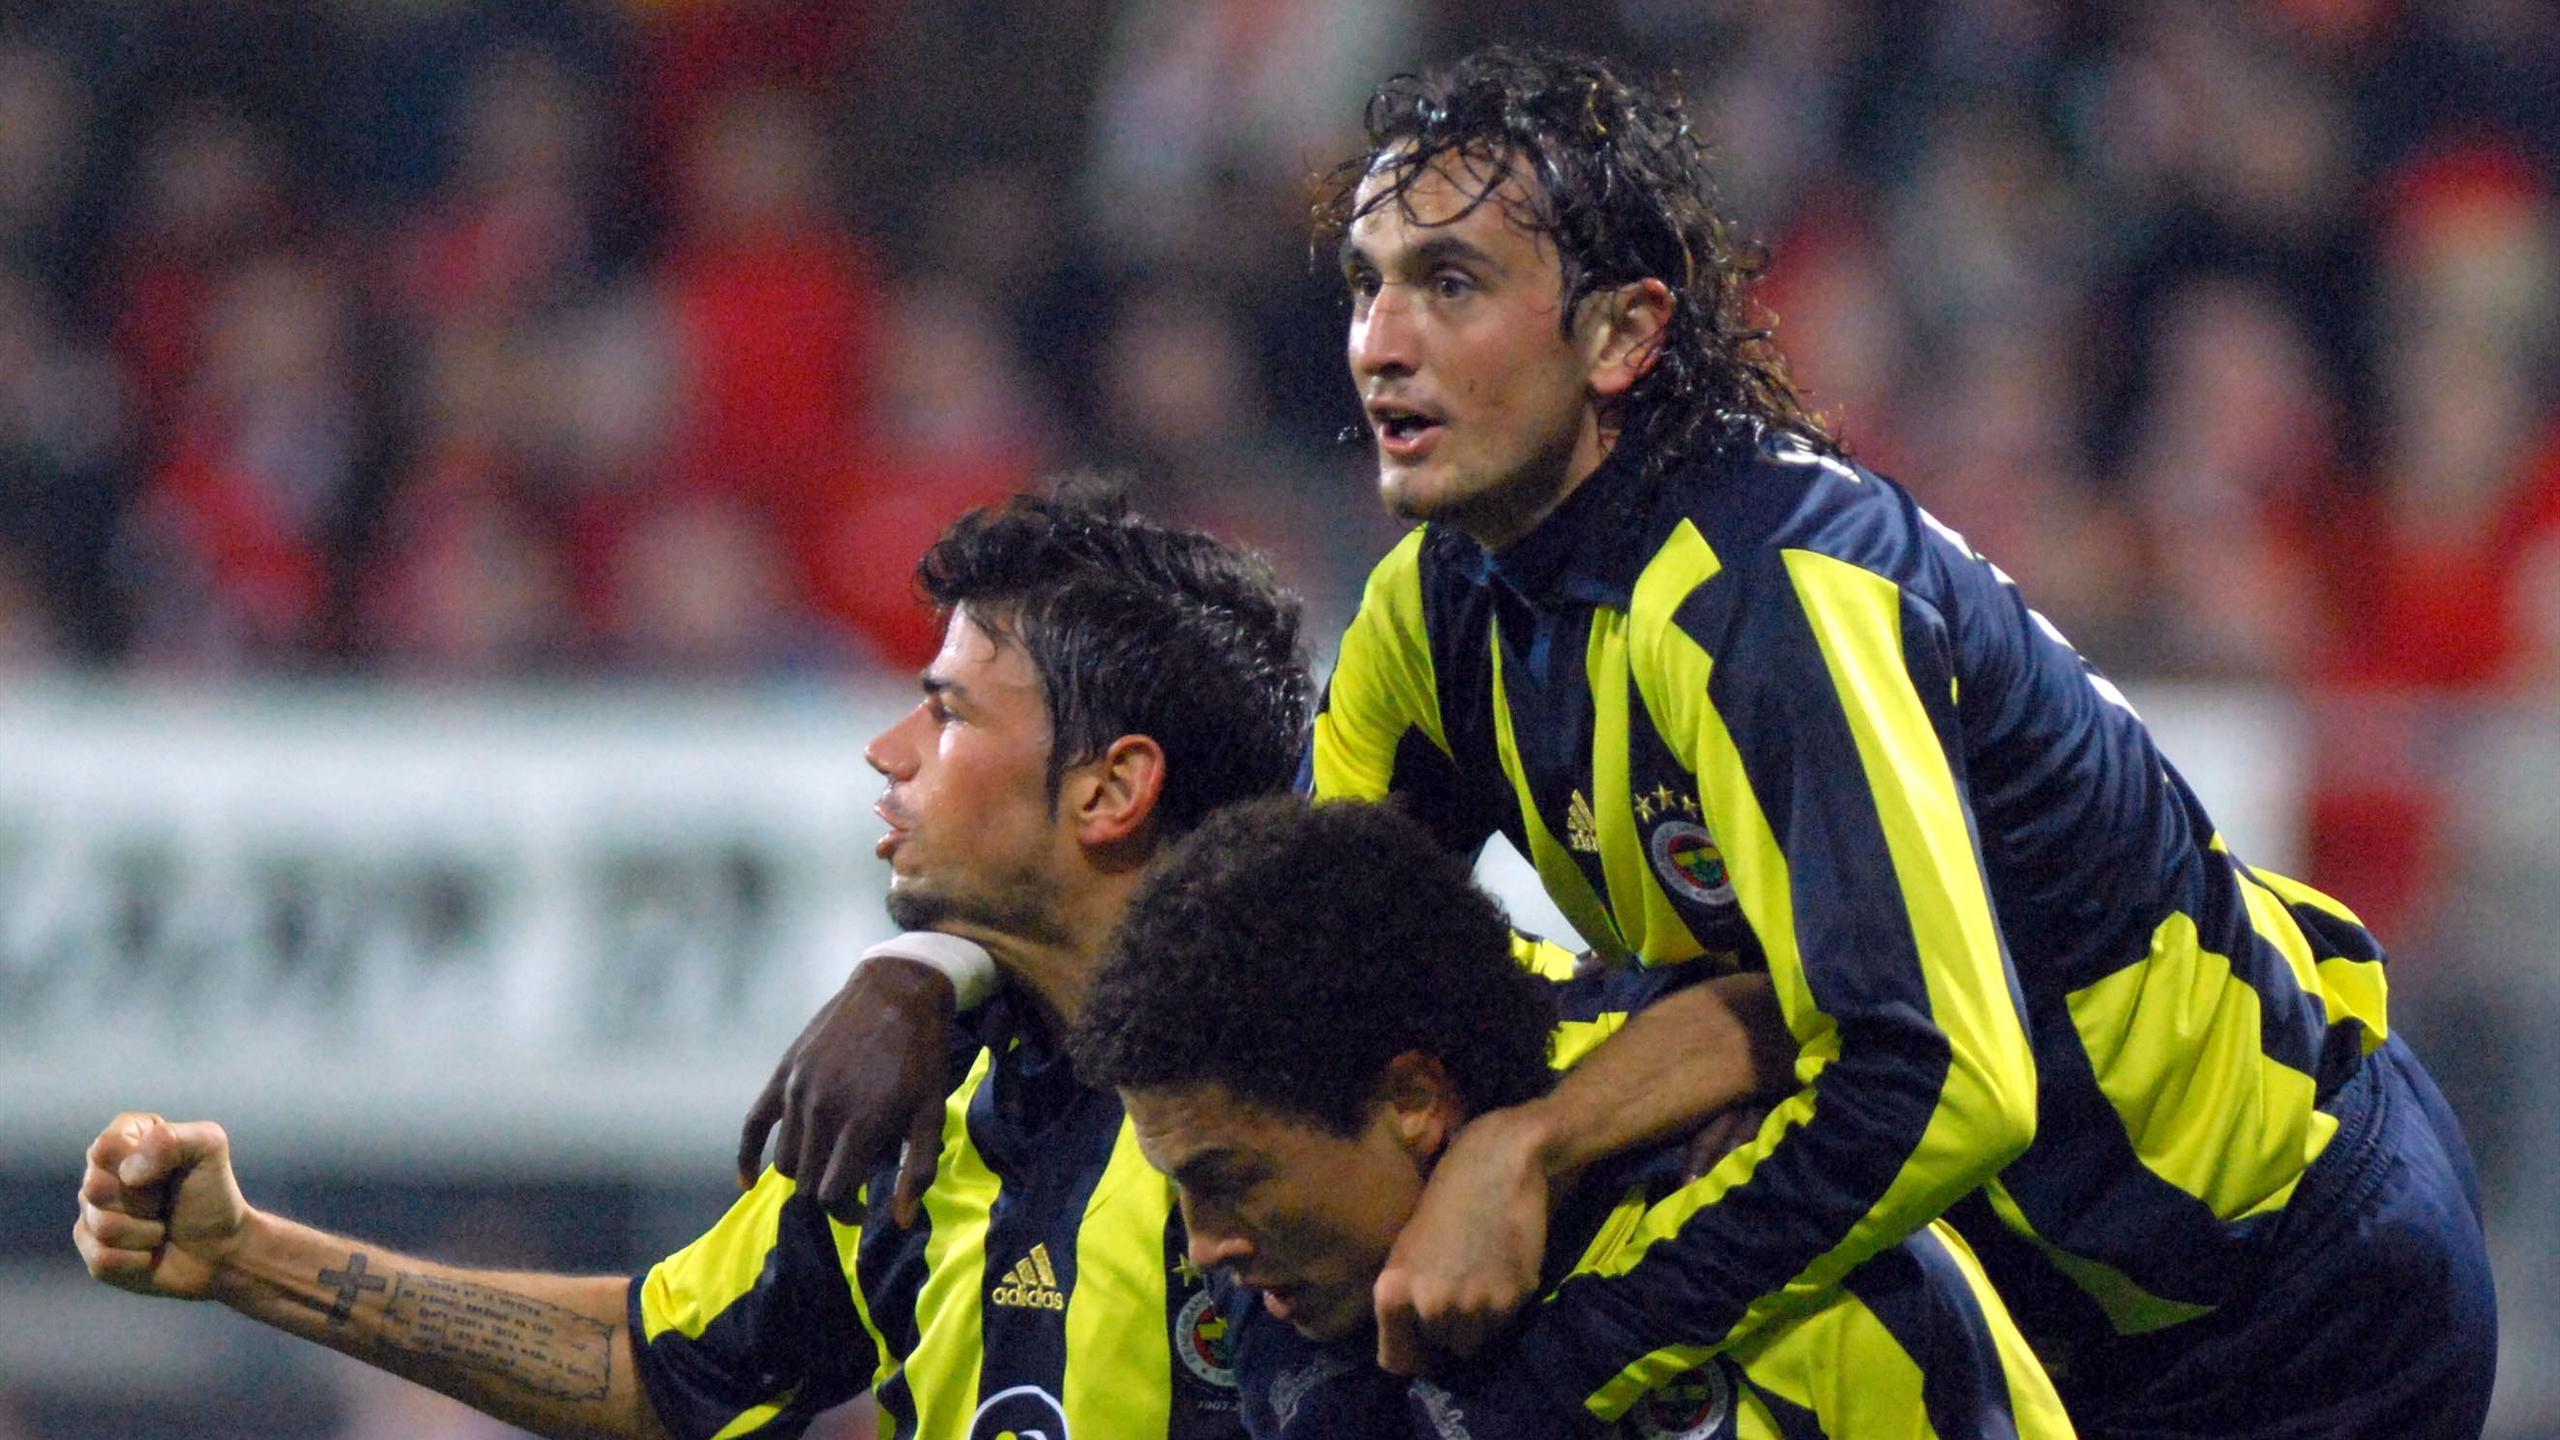 Fenerbahçe'in Kadıköy'de Galatasaray'a Yenilmediği 19 lig maçı 10